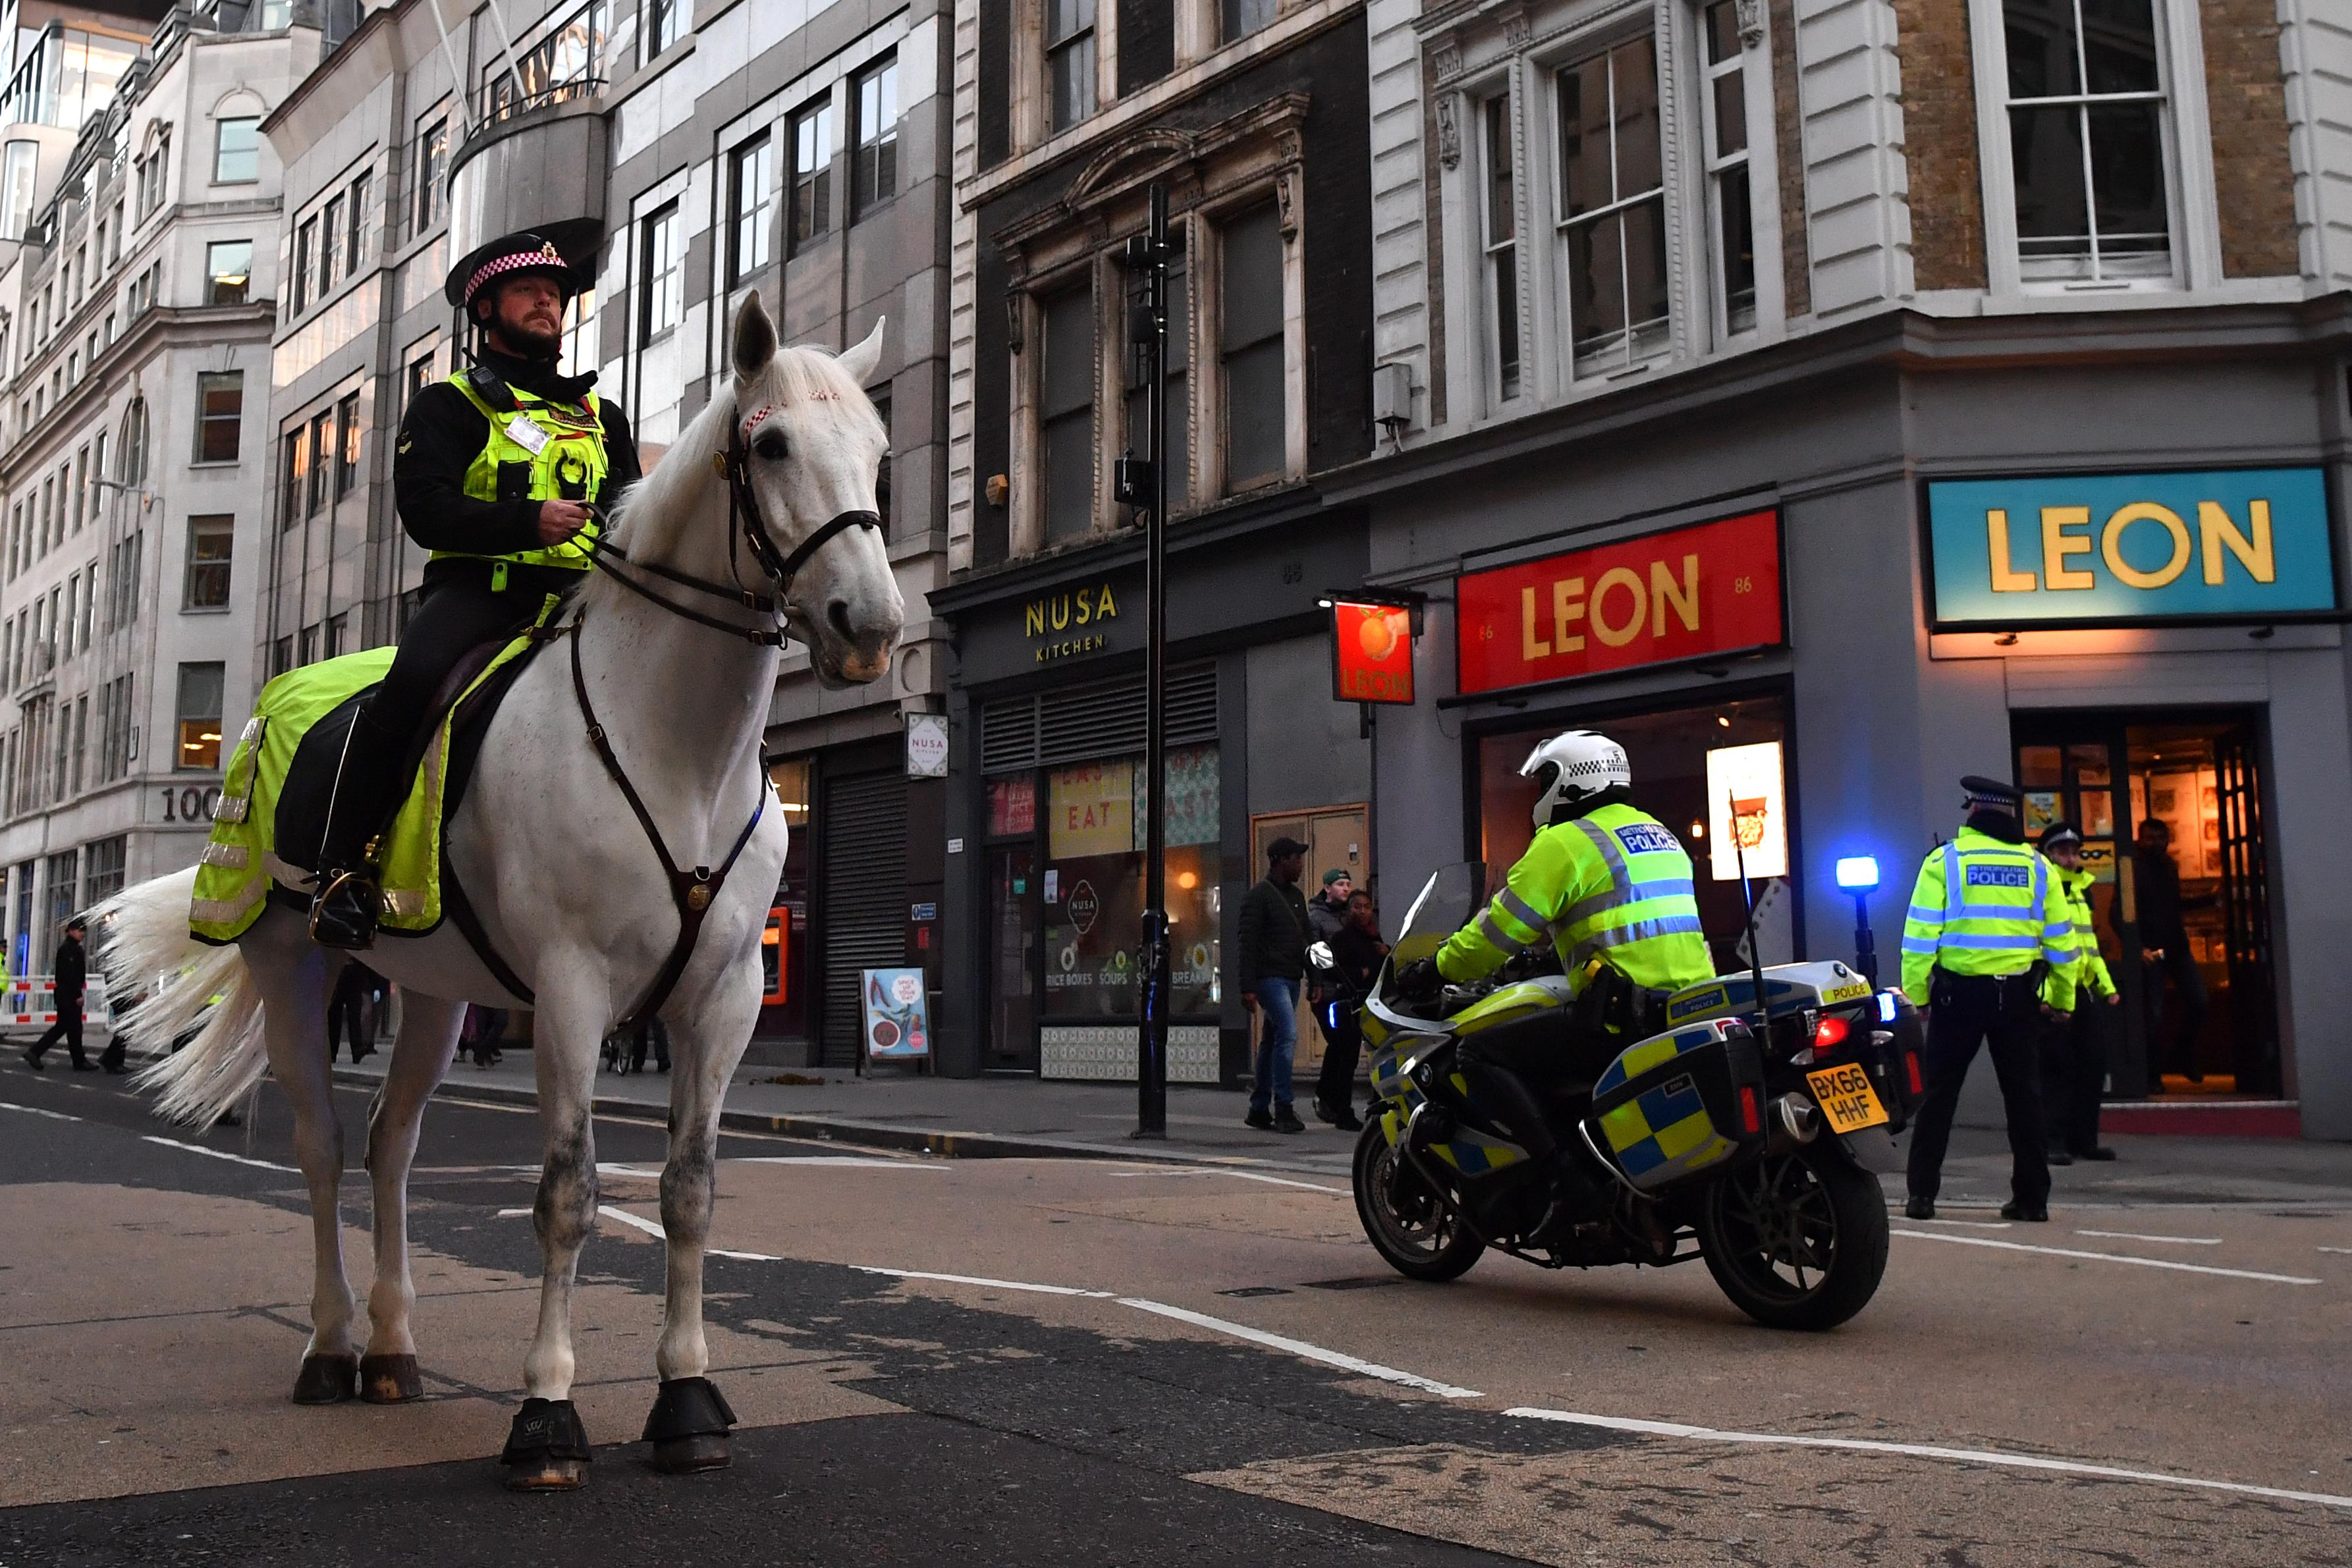 Terrortámadásként kezelik, ami a londoni hídon történt